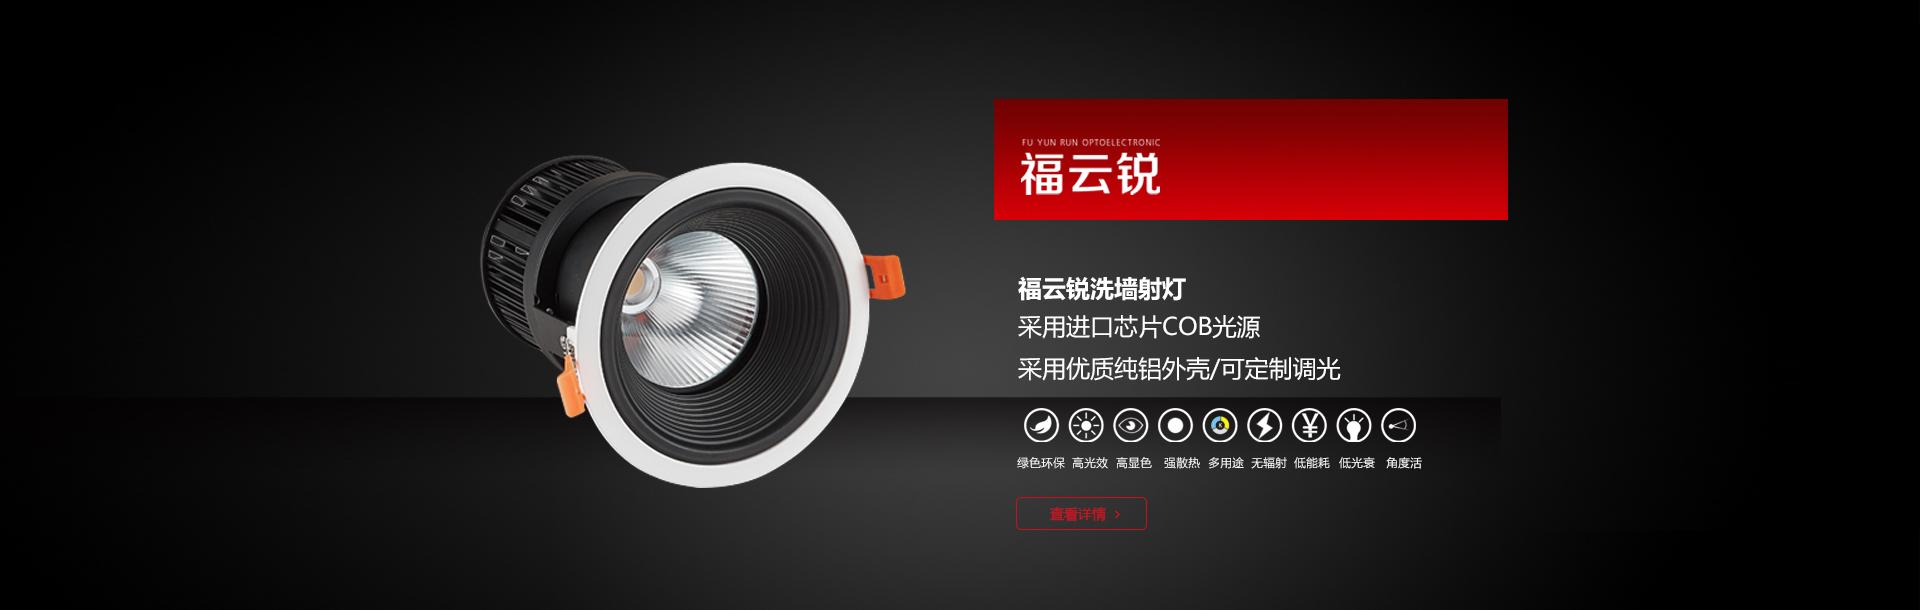 LED调光灯具